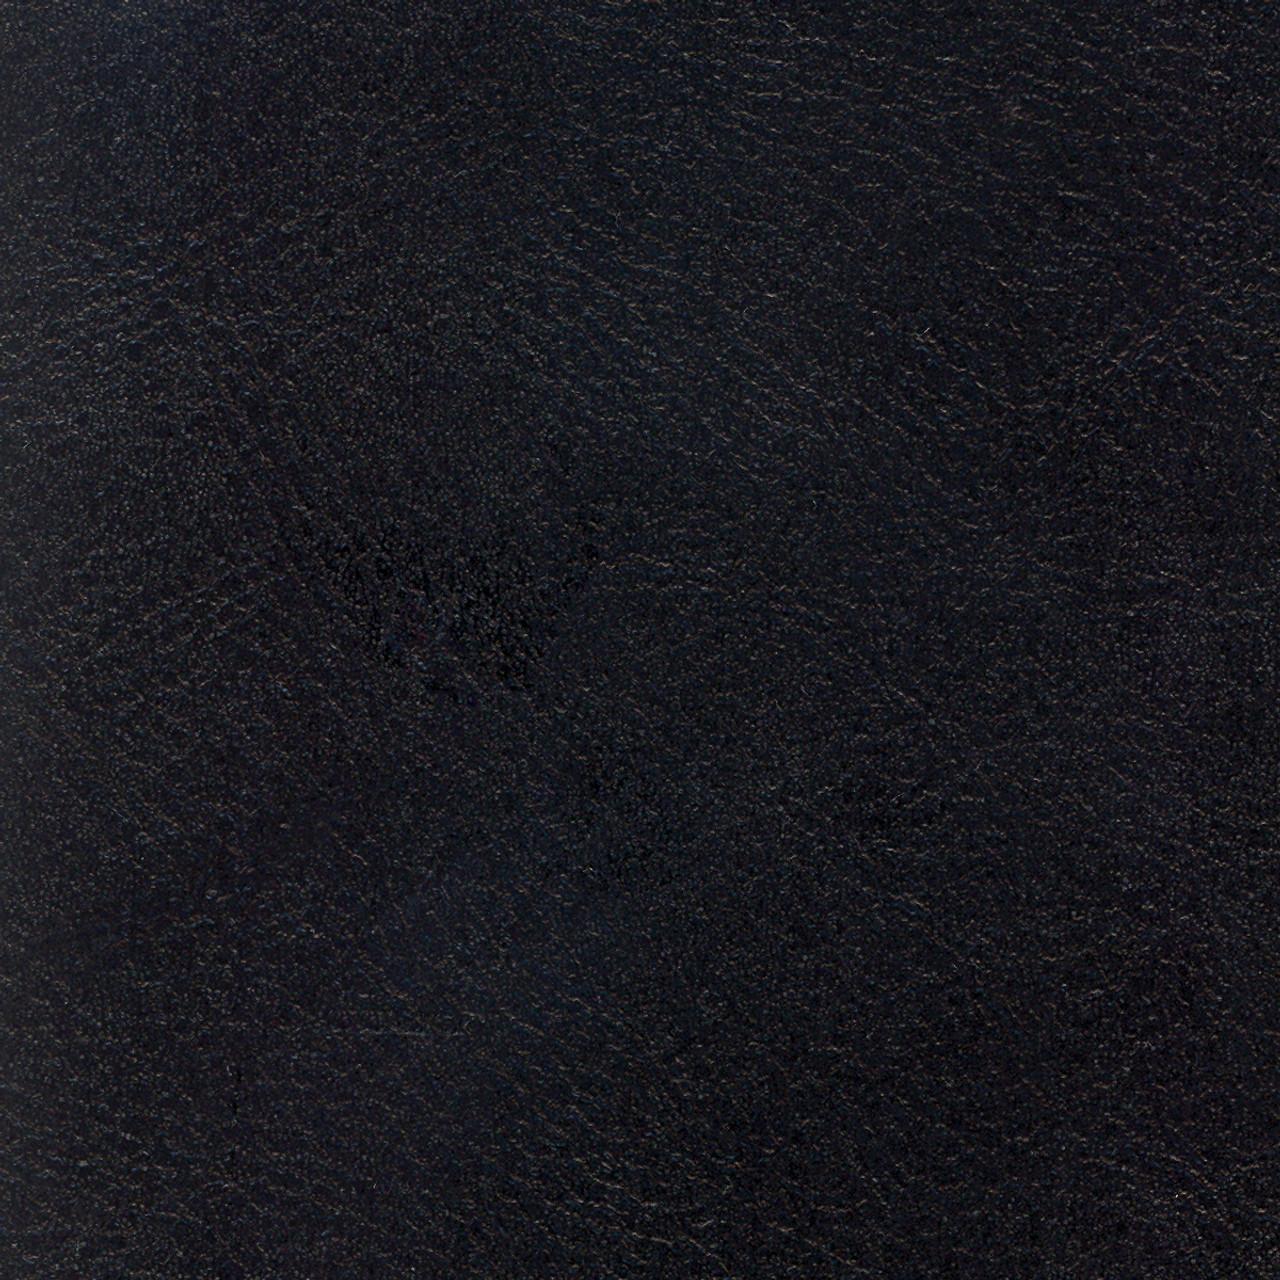 Madrid Soft MAS-9830 Black